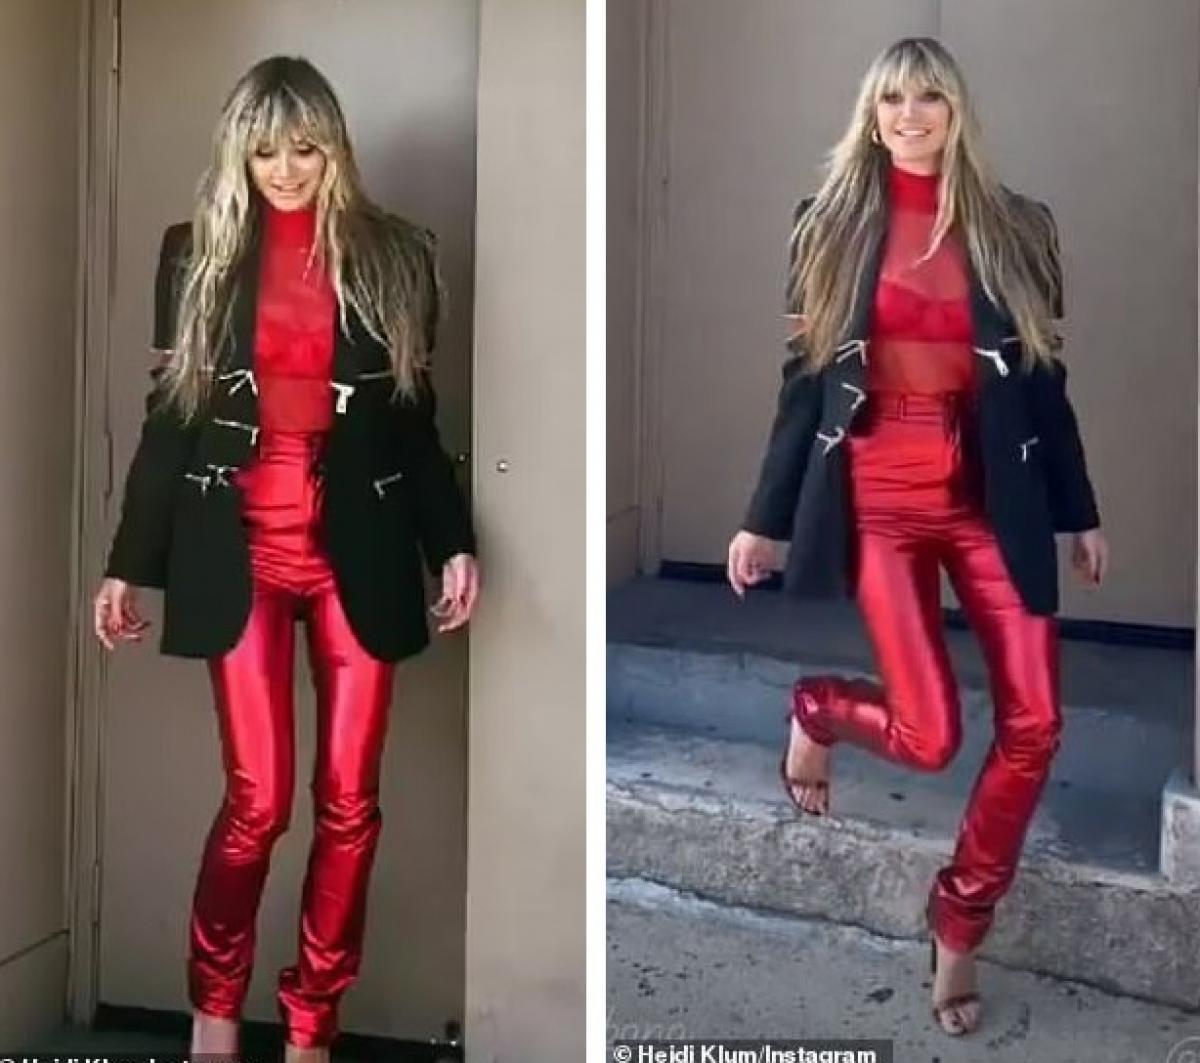 Siêu mẫu 47 tuổi diện bộ đồ đỏ rực, khoe nội y nóng bỏng phối cùng áo khoác gợi cảm.